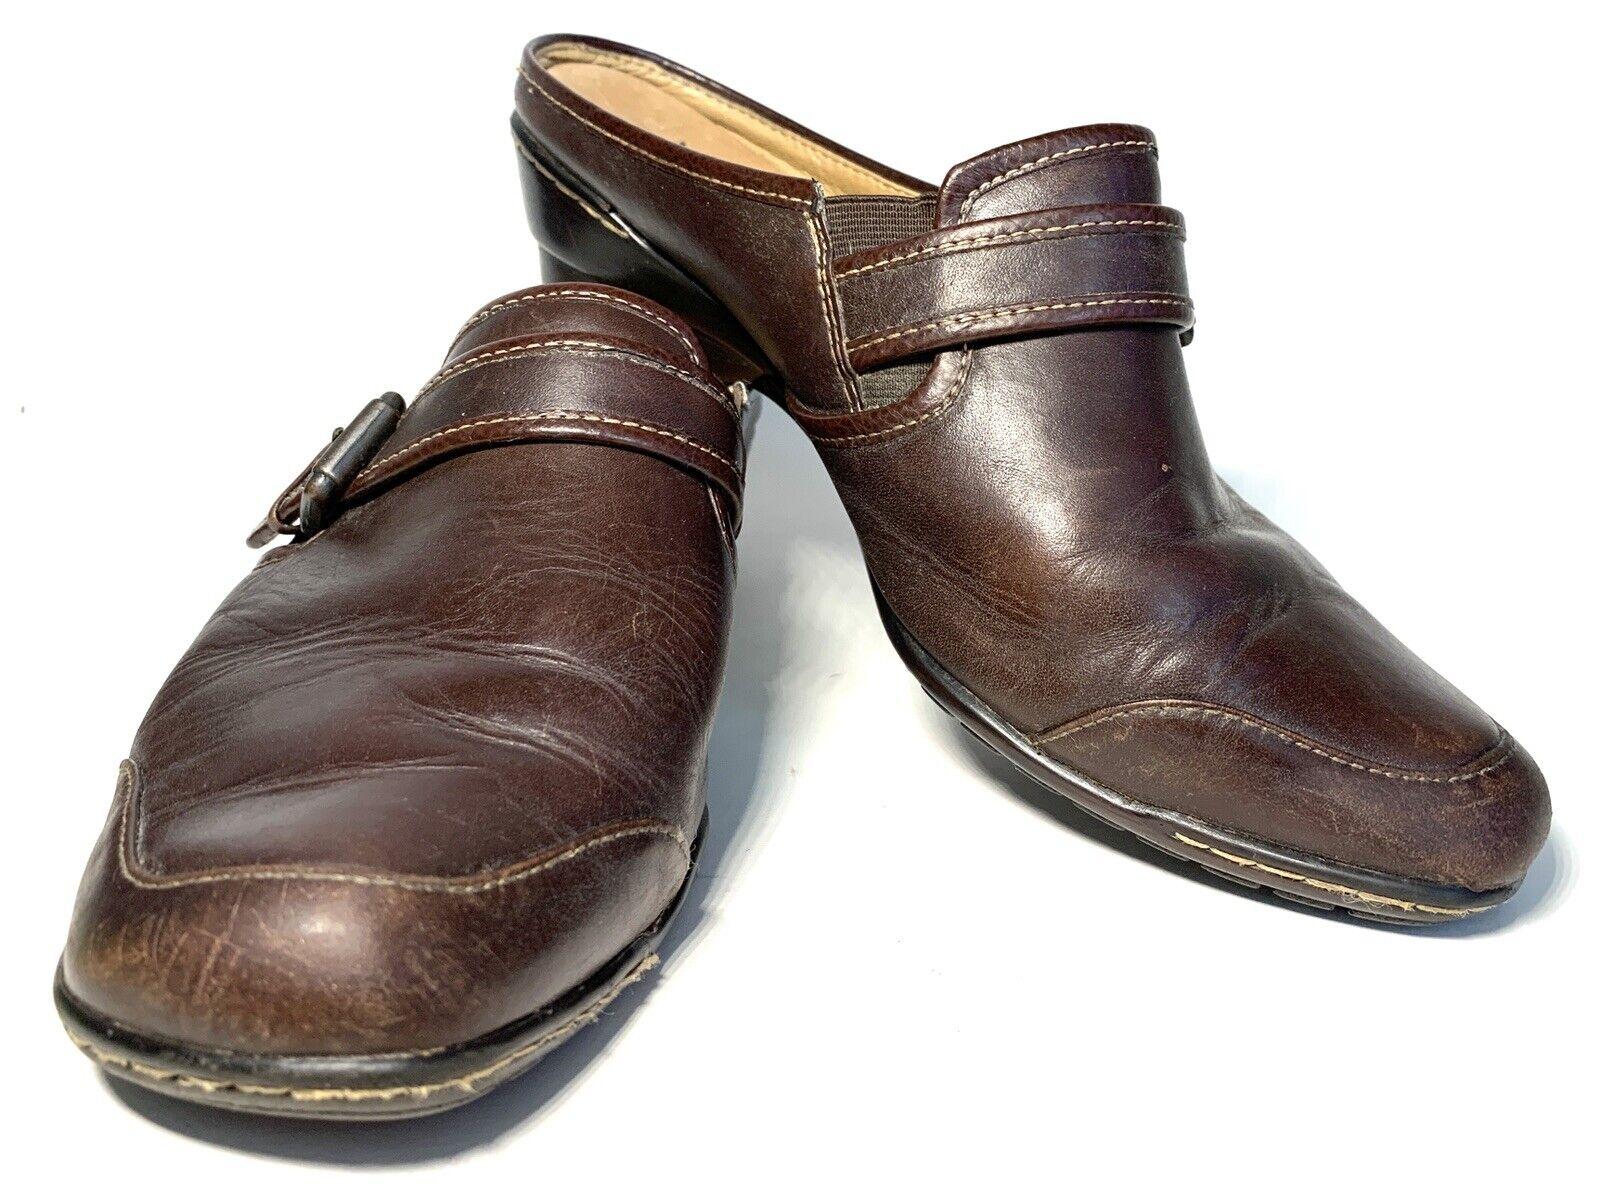 SOFFT Women Black Leather Mule Clog Slide On Shoes Heel Pump 1508501 8M